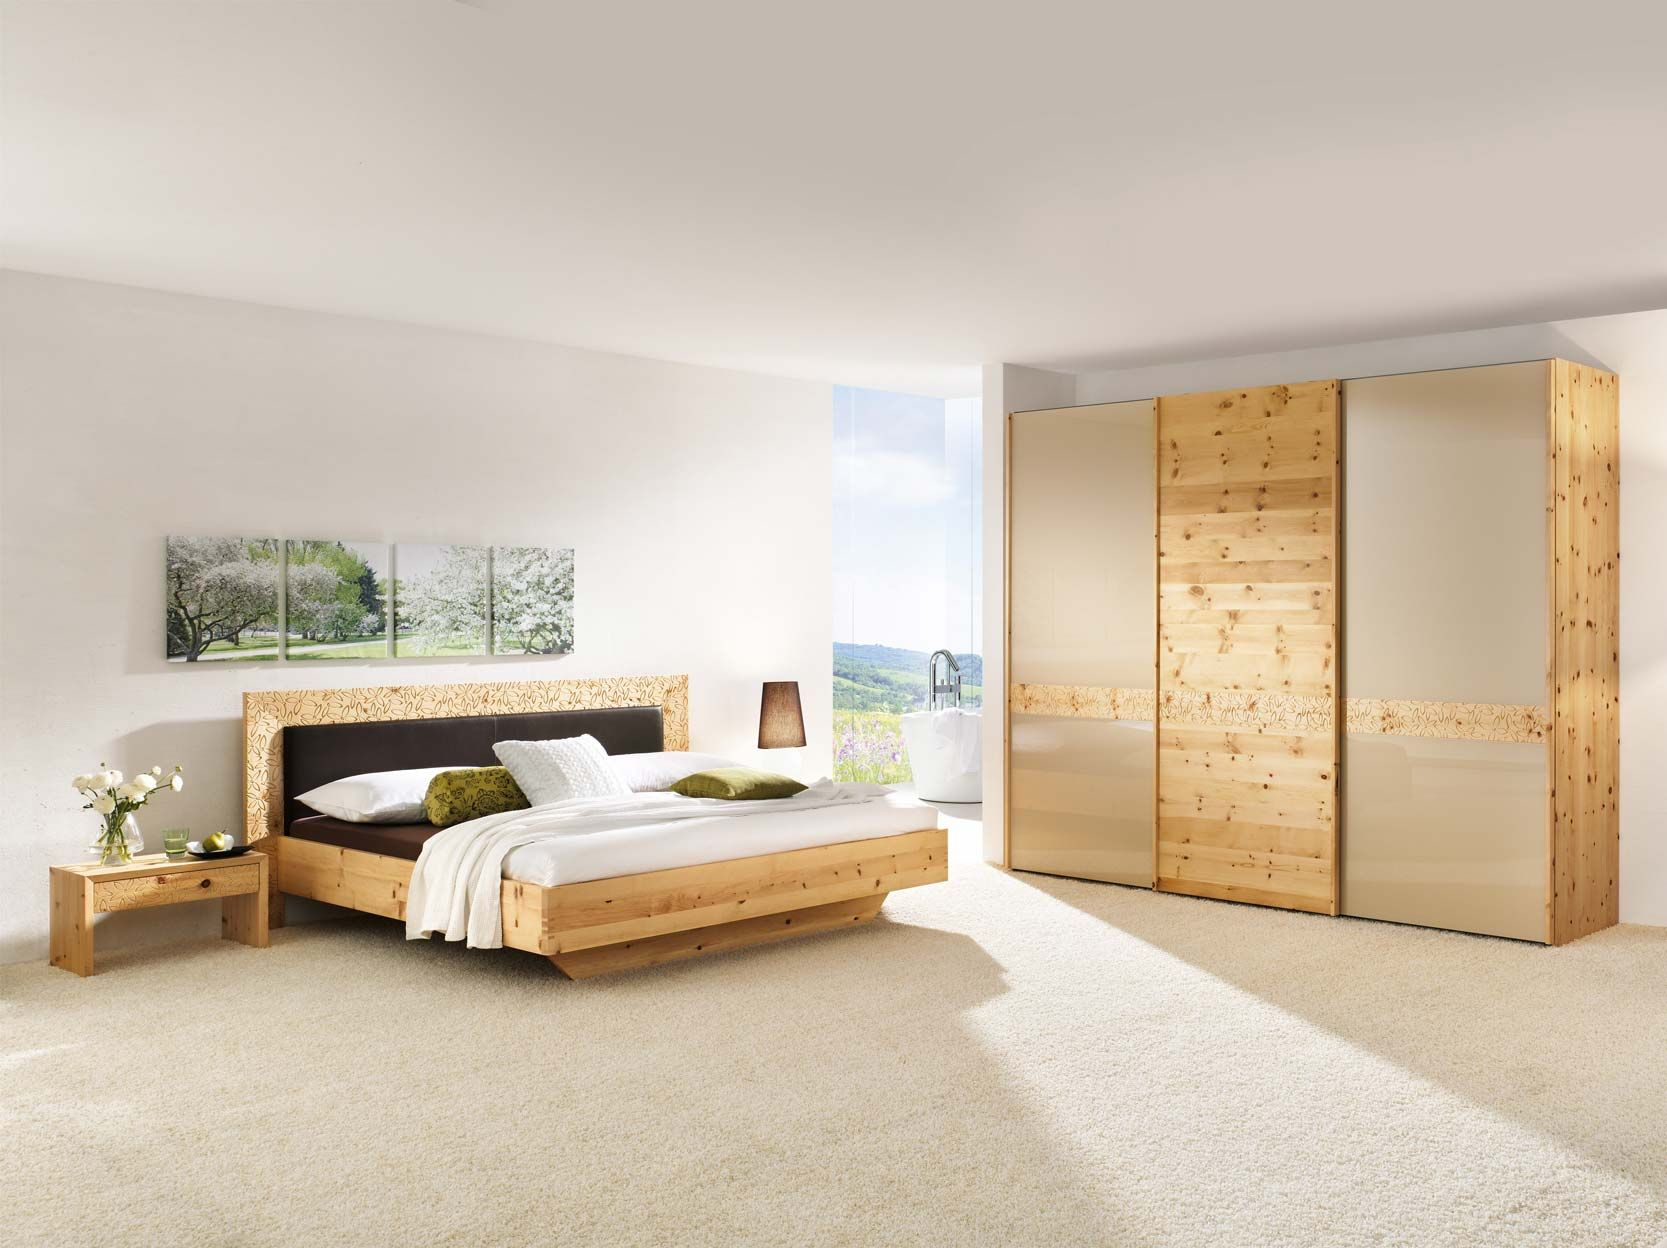 zirbenholz schlafzimmer modern – marikana, Schlafzimmer